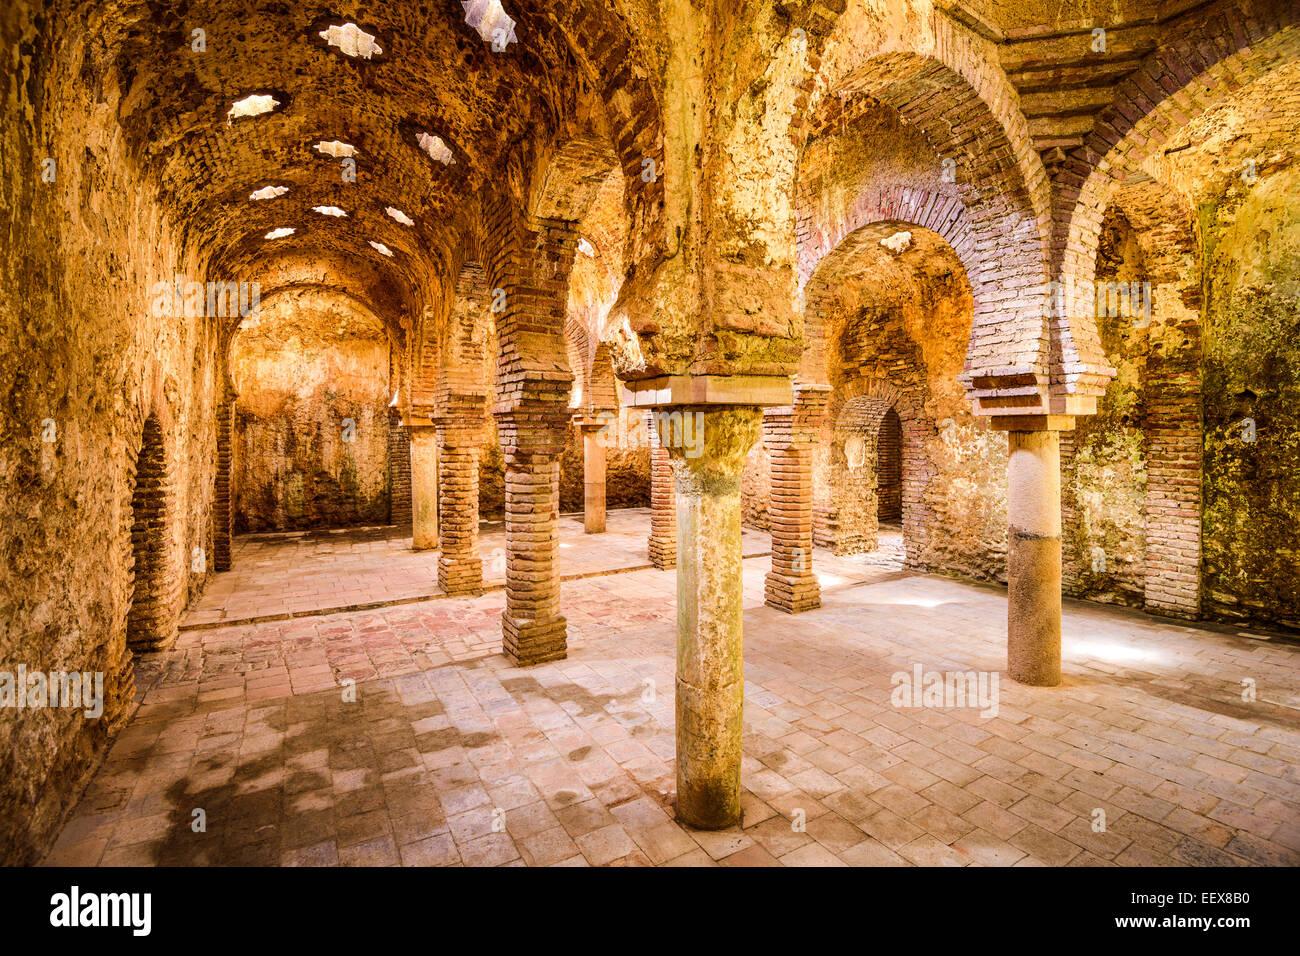 Los baños árabes que datan de los siglos 11th-12th en Ronda, España. Imagen De Stock